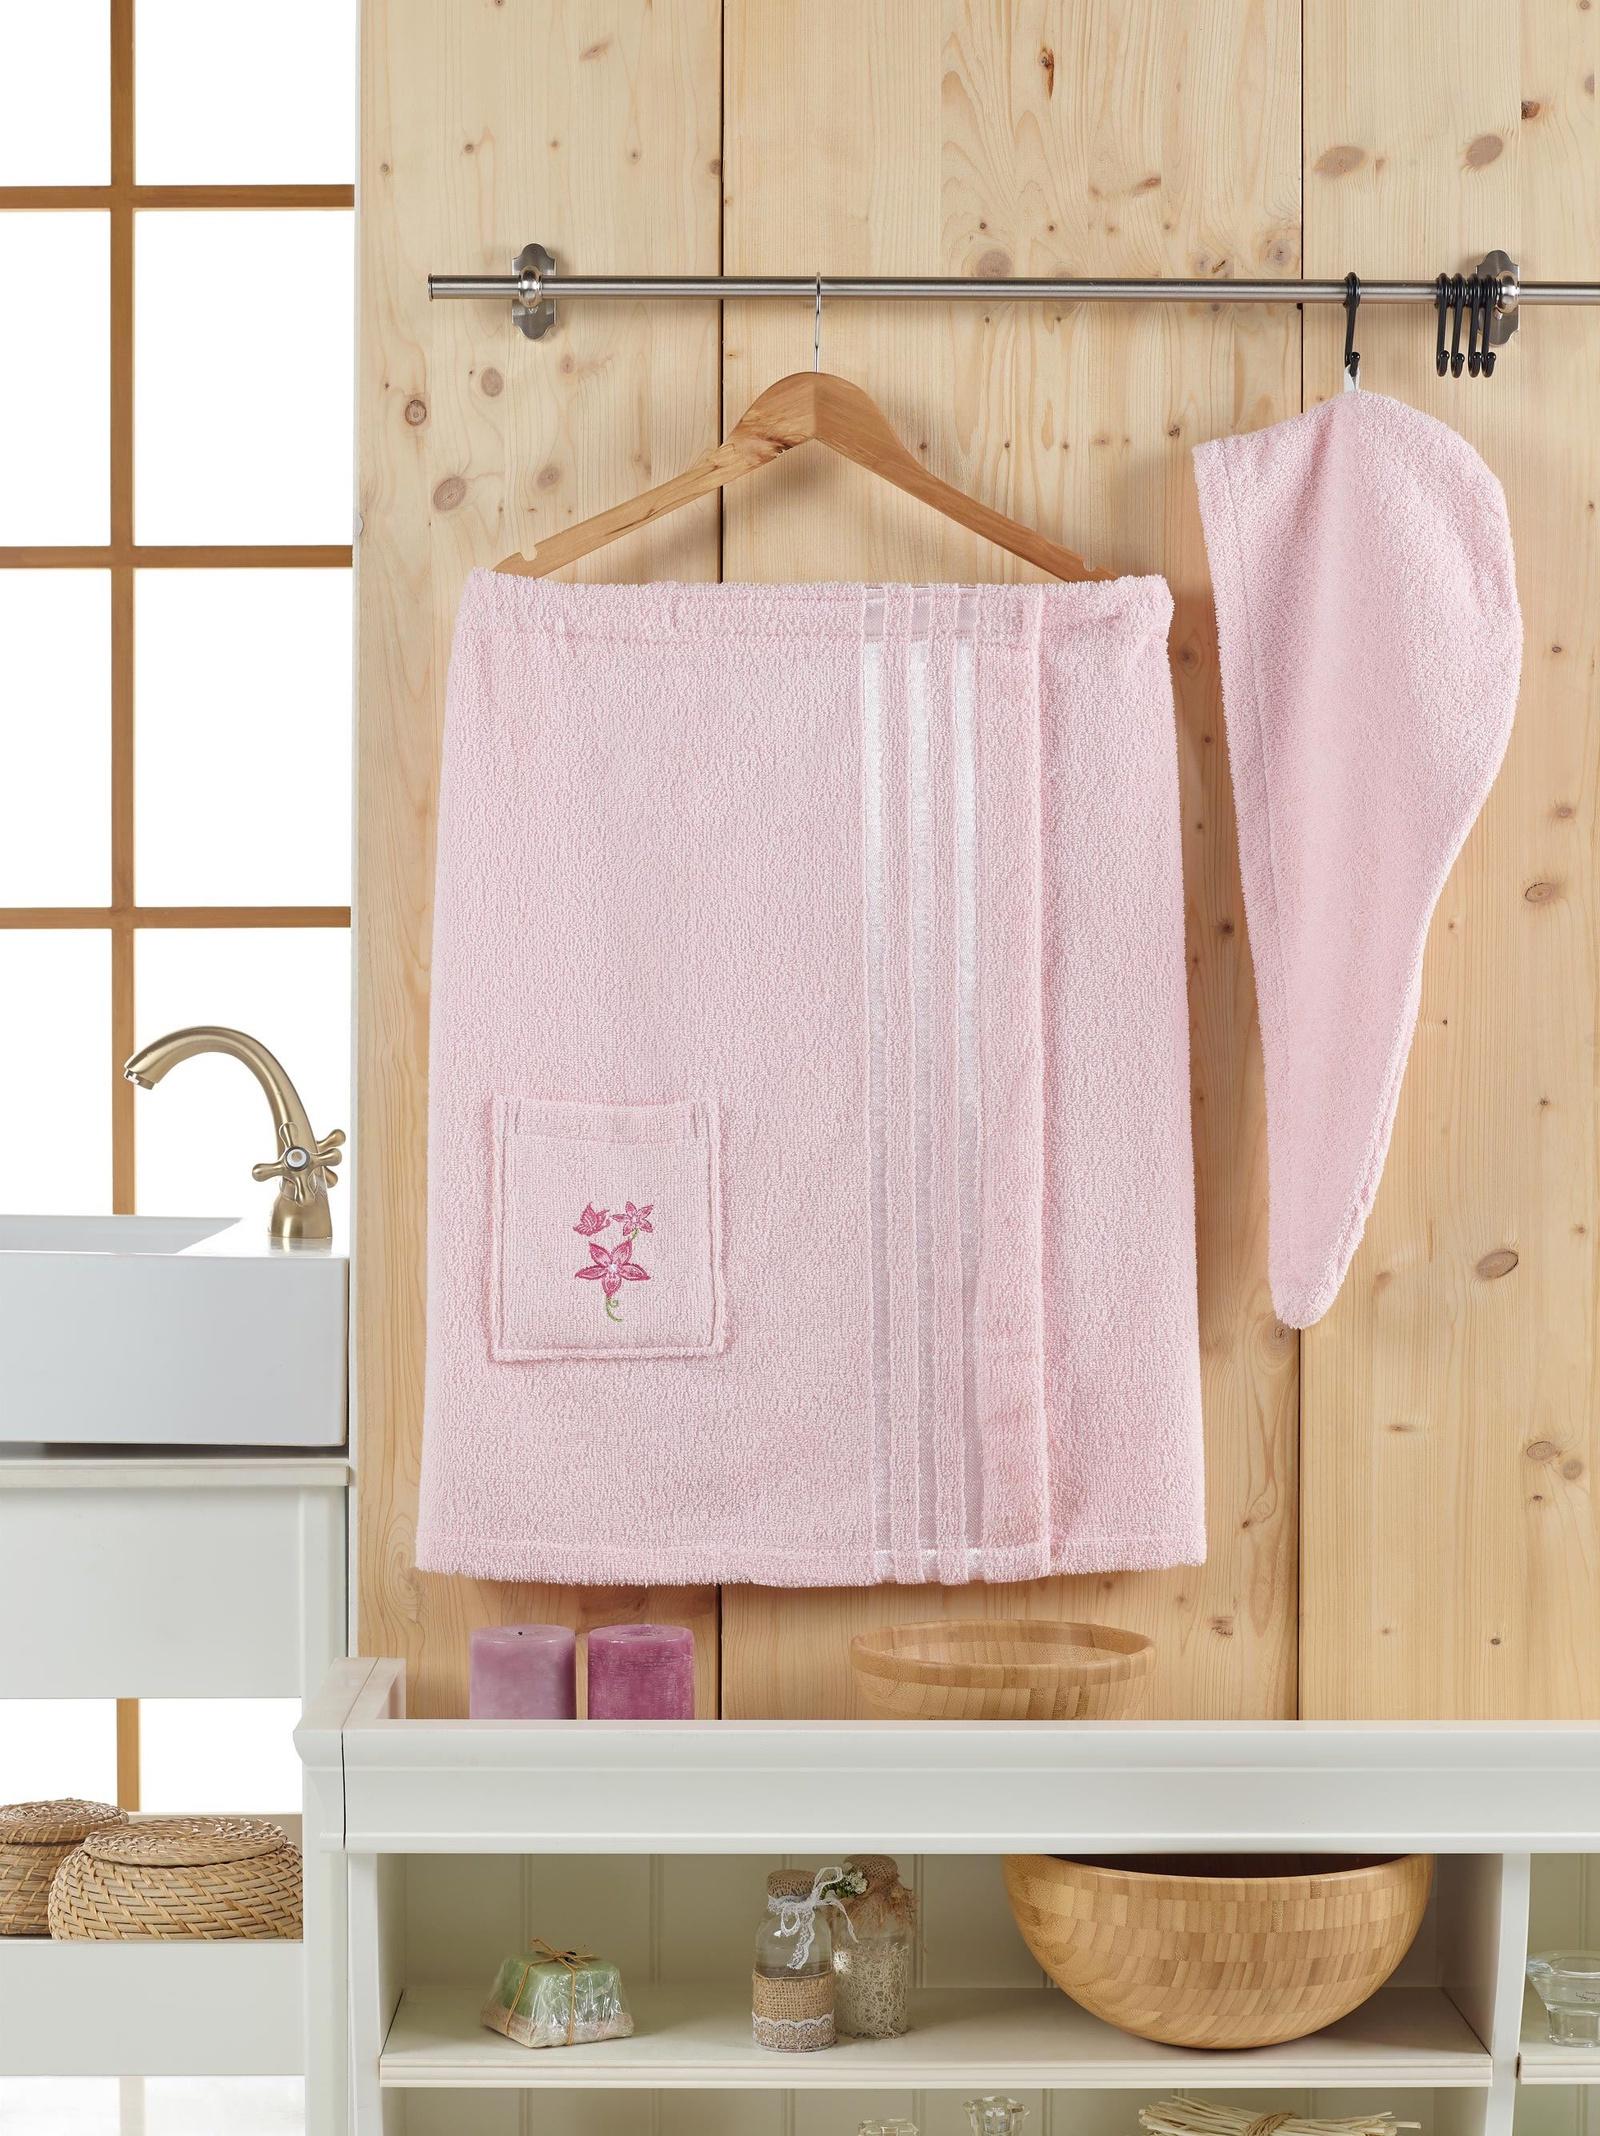 Банный комплект JUANNA Сауна женская SEVAKIN_светло-розовый, светло-розовый банный комплект juanna сауна женская sevakin коричневый коричневый